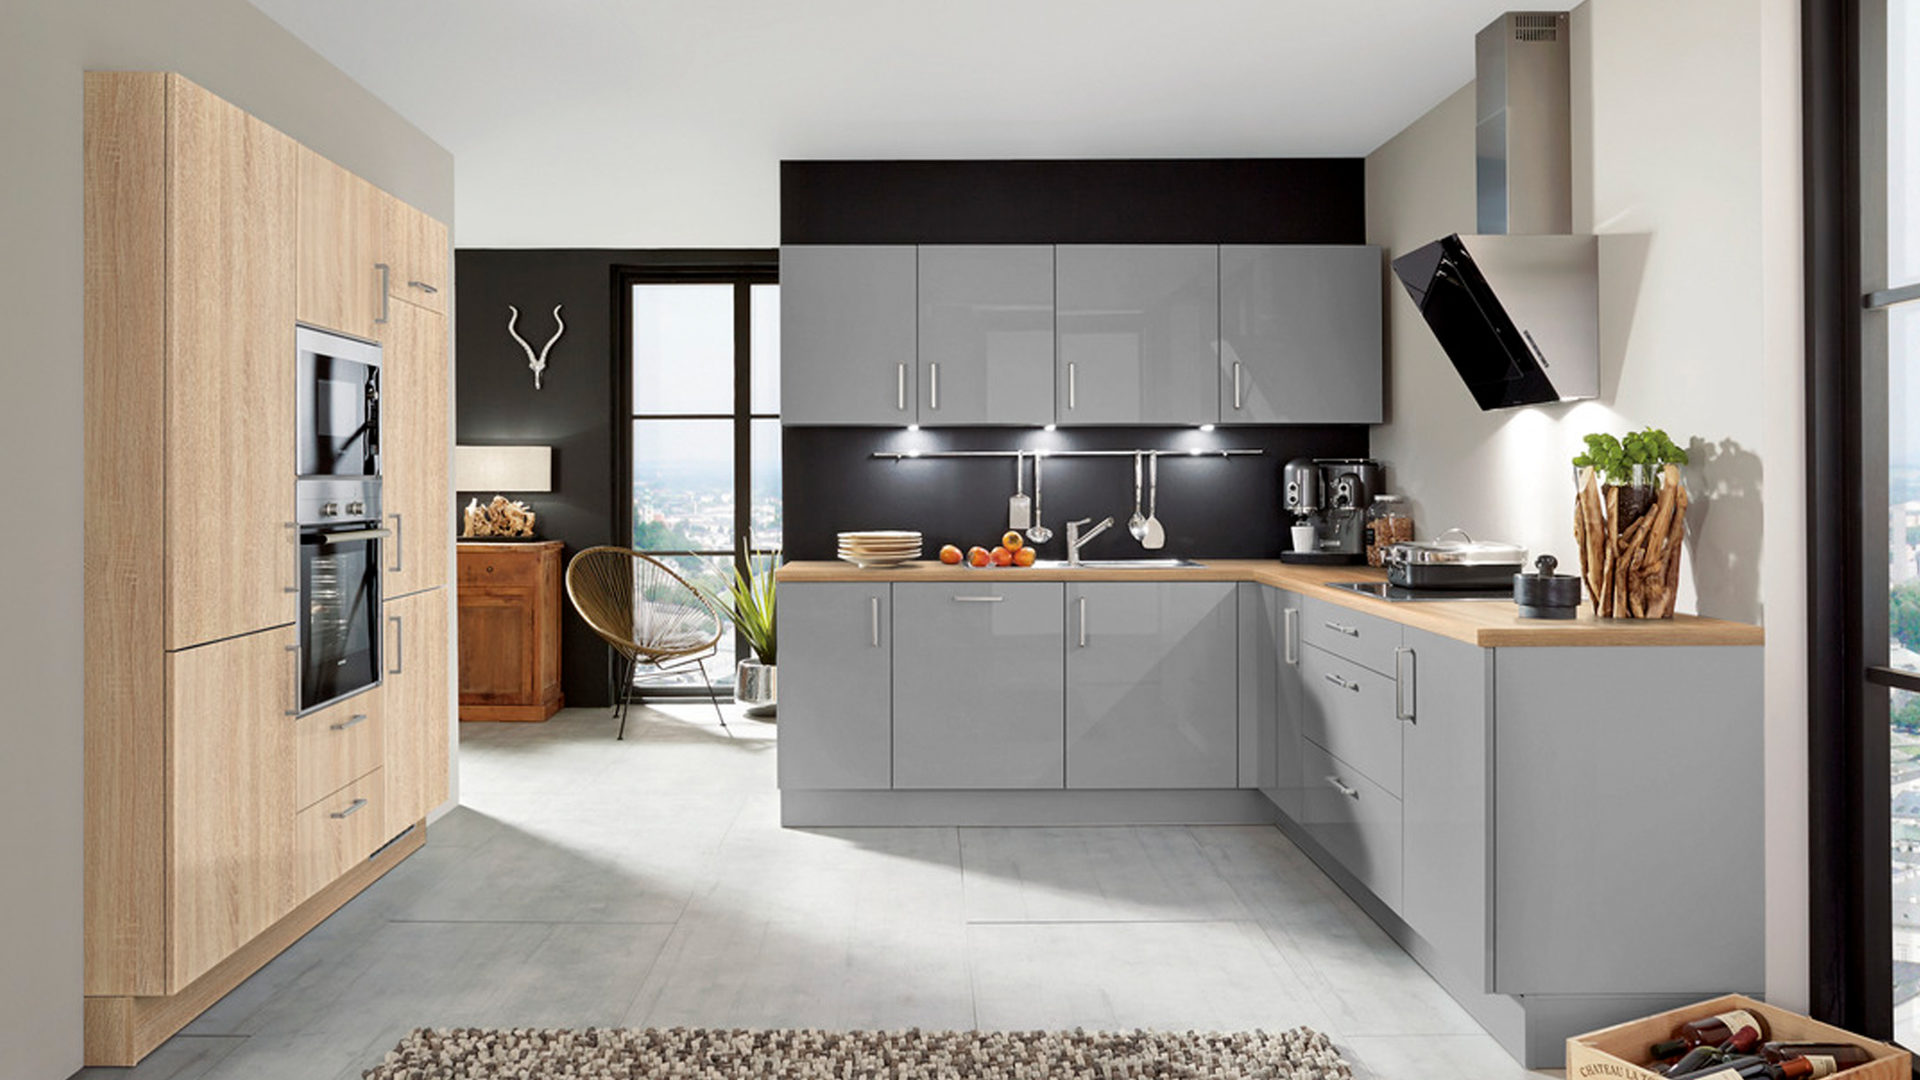 Einbauküchen mit elektrogeräten  Möbel Bernskötter Mülheim, Möbel A-Z, Küchen, Einbauküchen ...